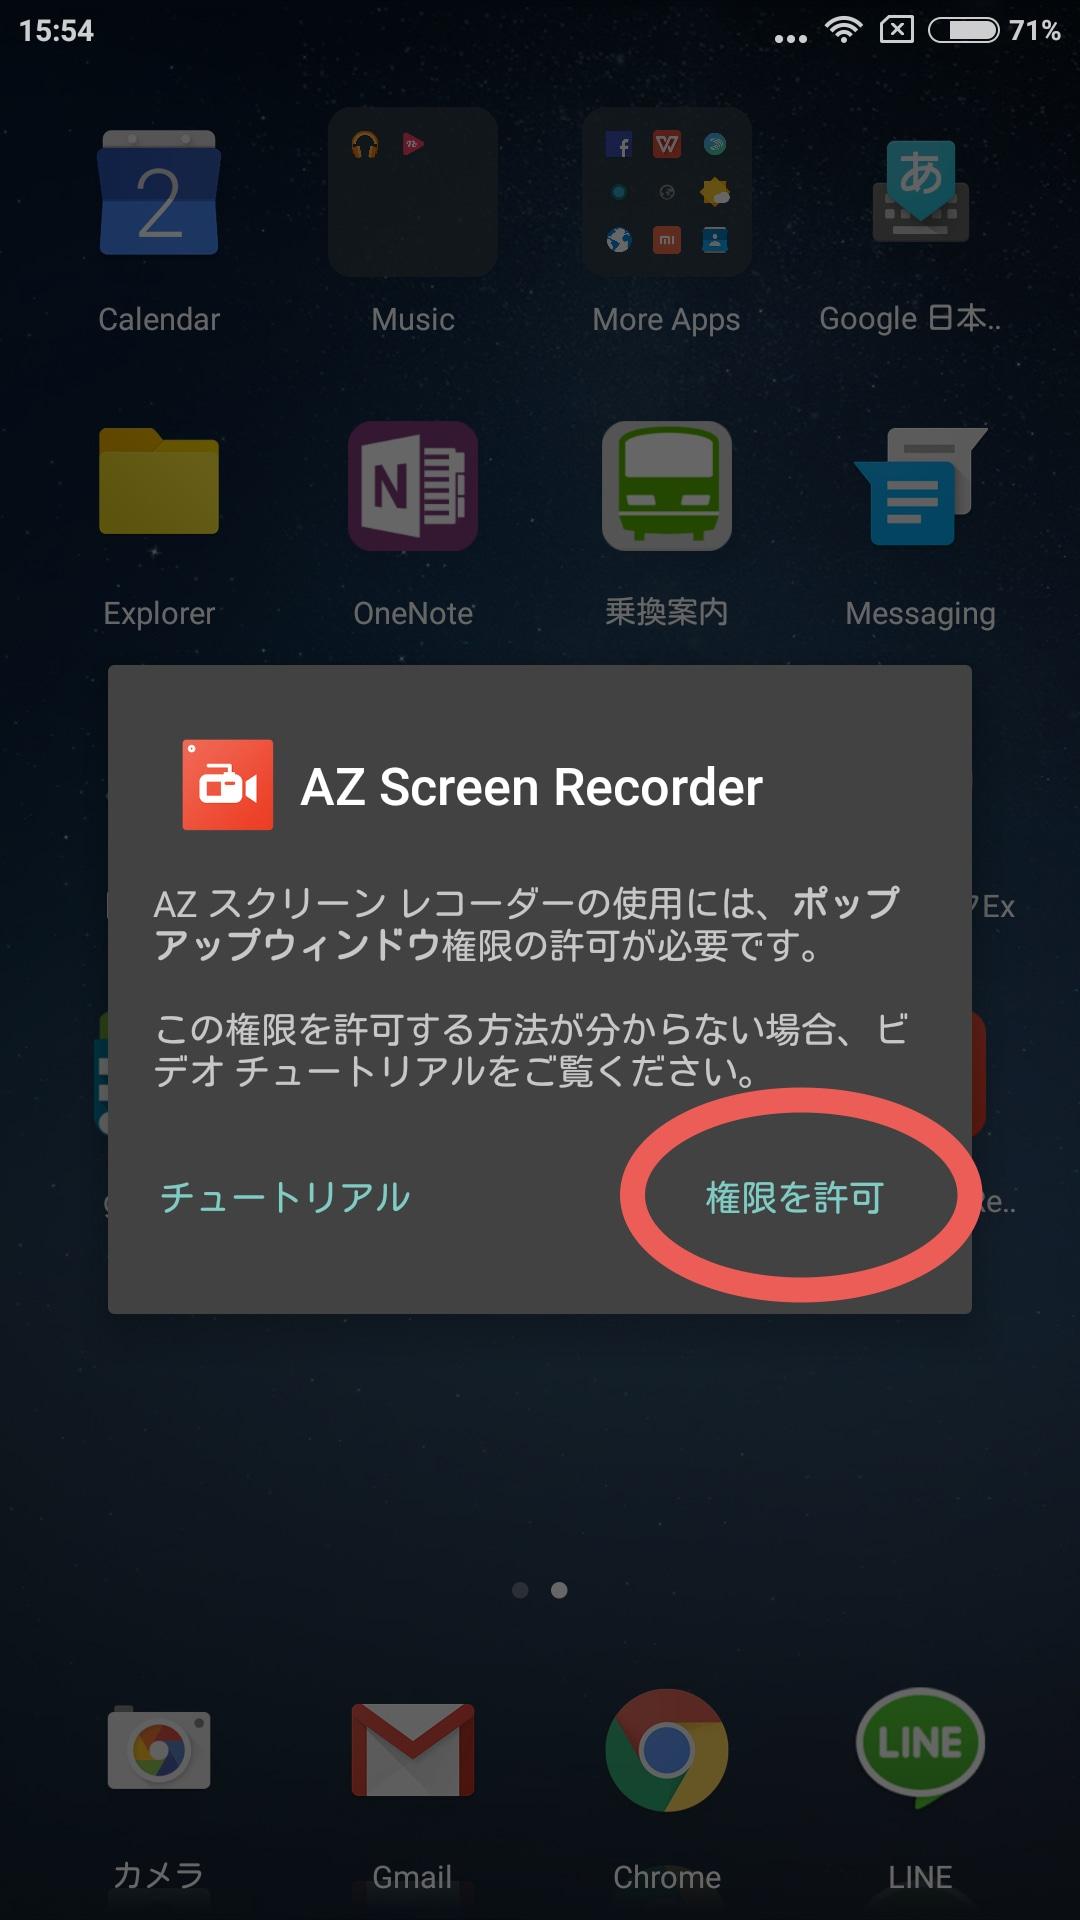 AZスクリーンレコーダー 権限